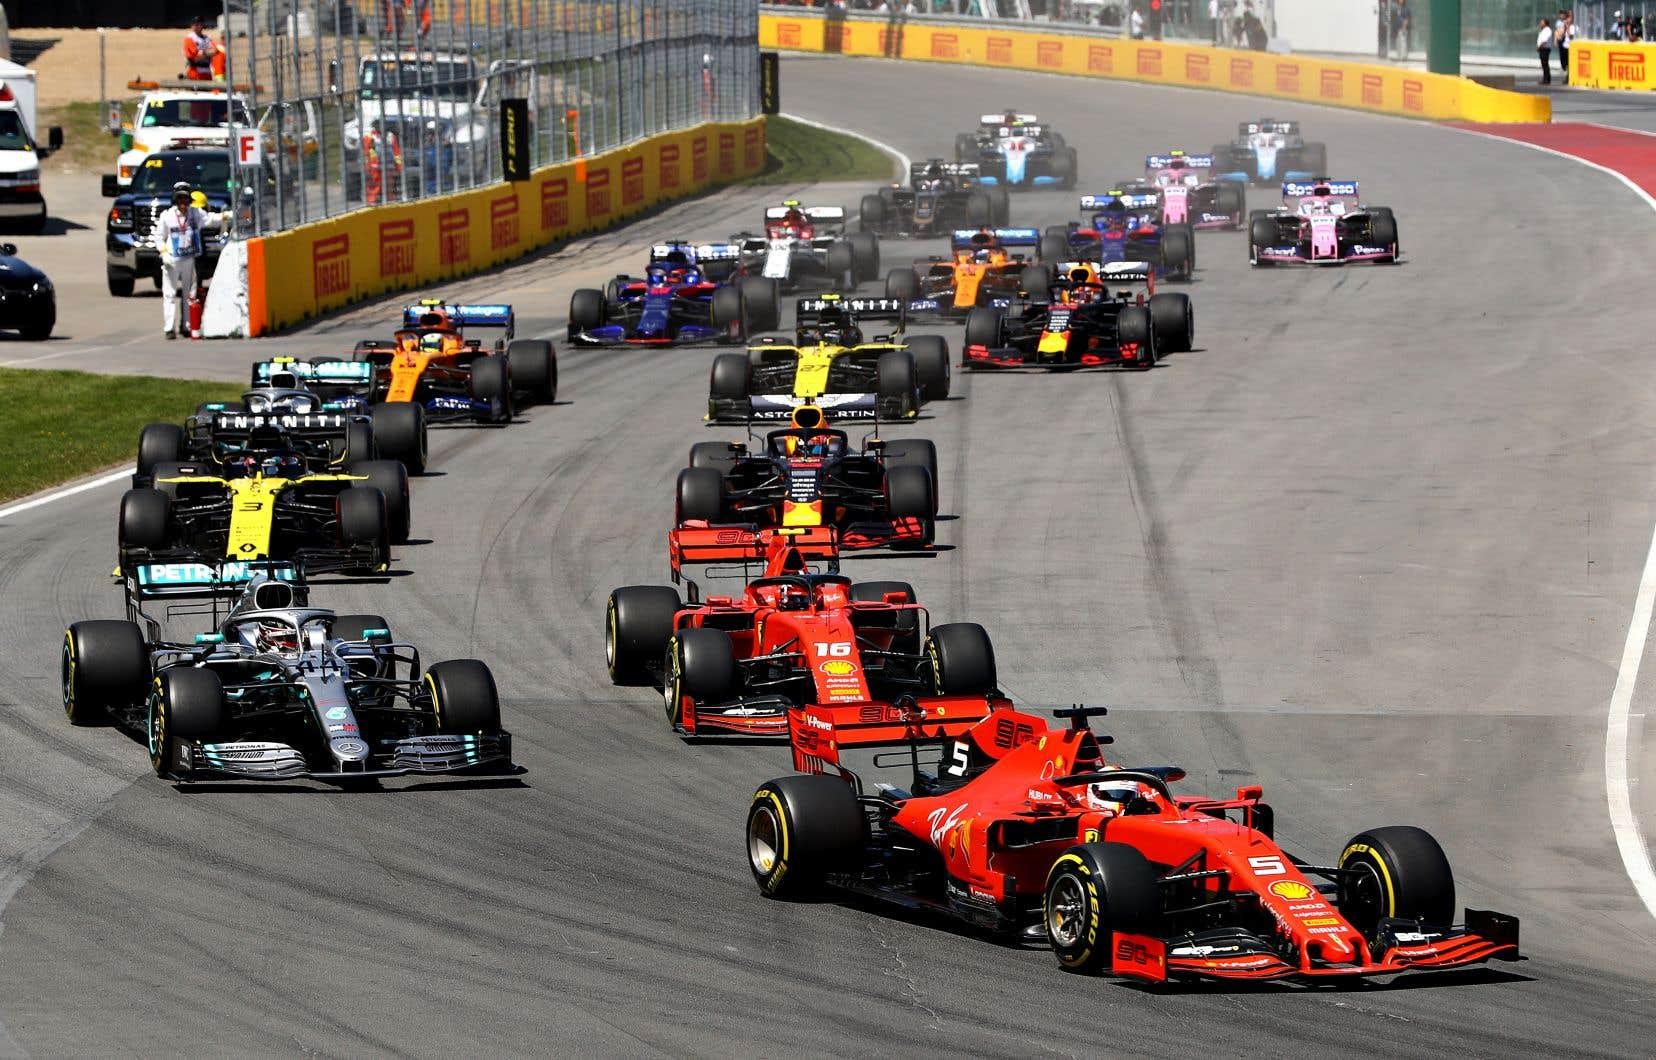 La prochaine édition du Grand Prix du Canada, dont le promoteur dispose d'une entente avec la F1 jusqu'en 2029, se tiendra le 14 juin 2020.